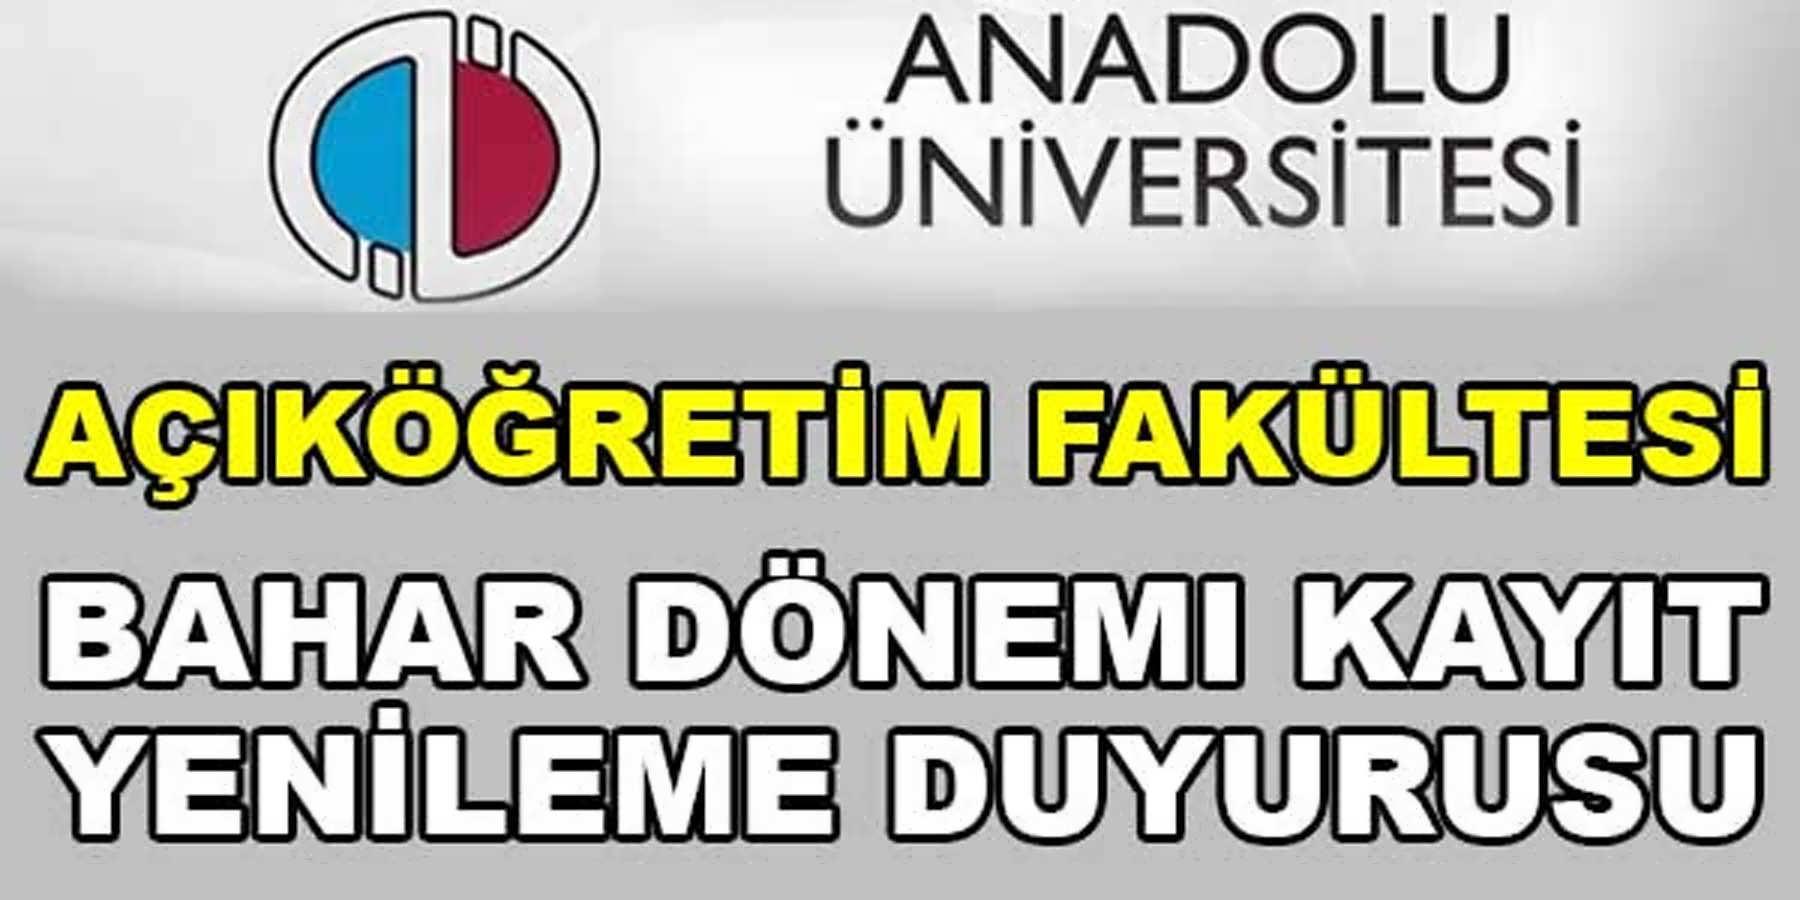 Anadolu Üniversitesi Açıköğretim Fakültesi 2016 Kayıt Yenileme Belli Oldu